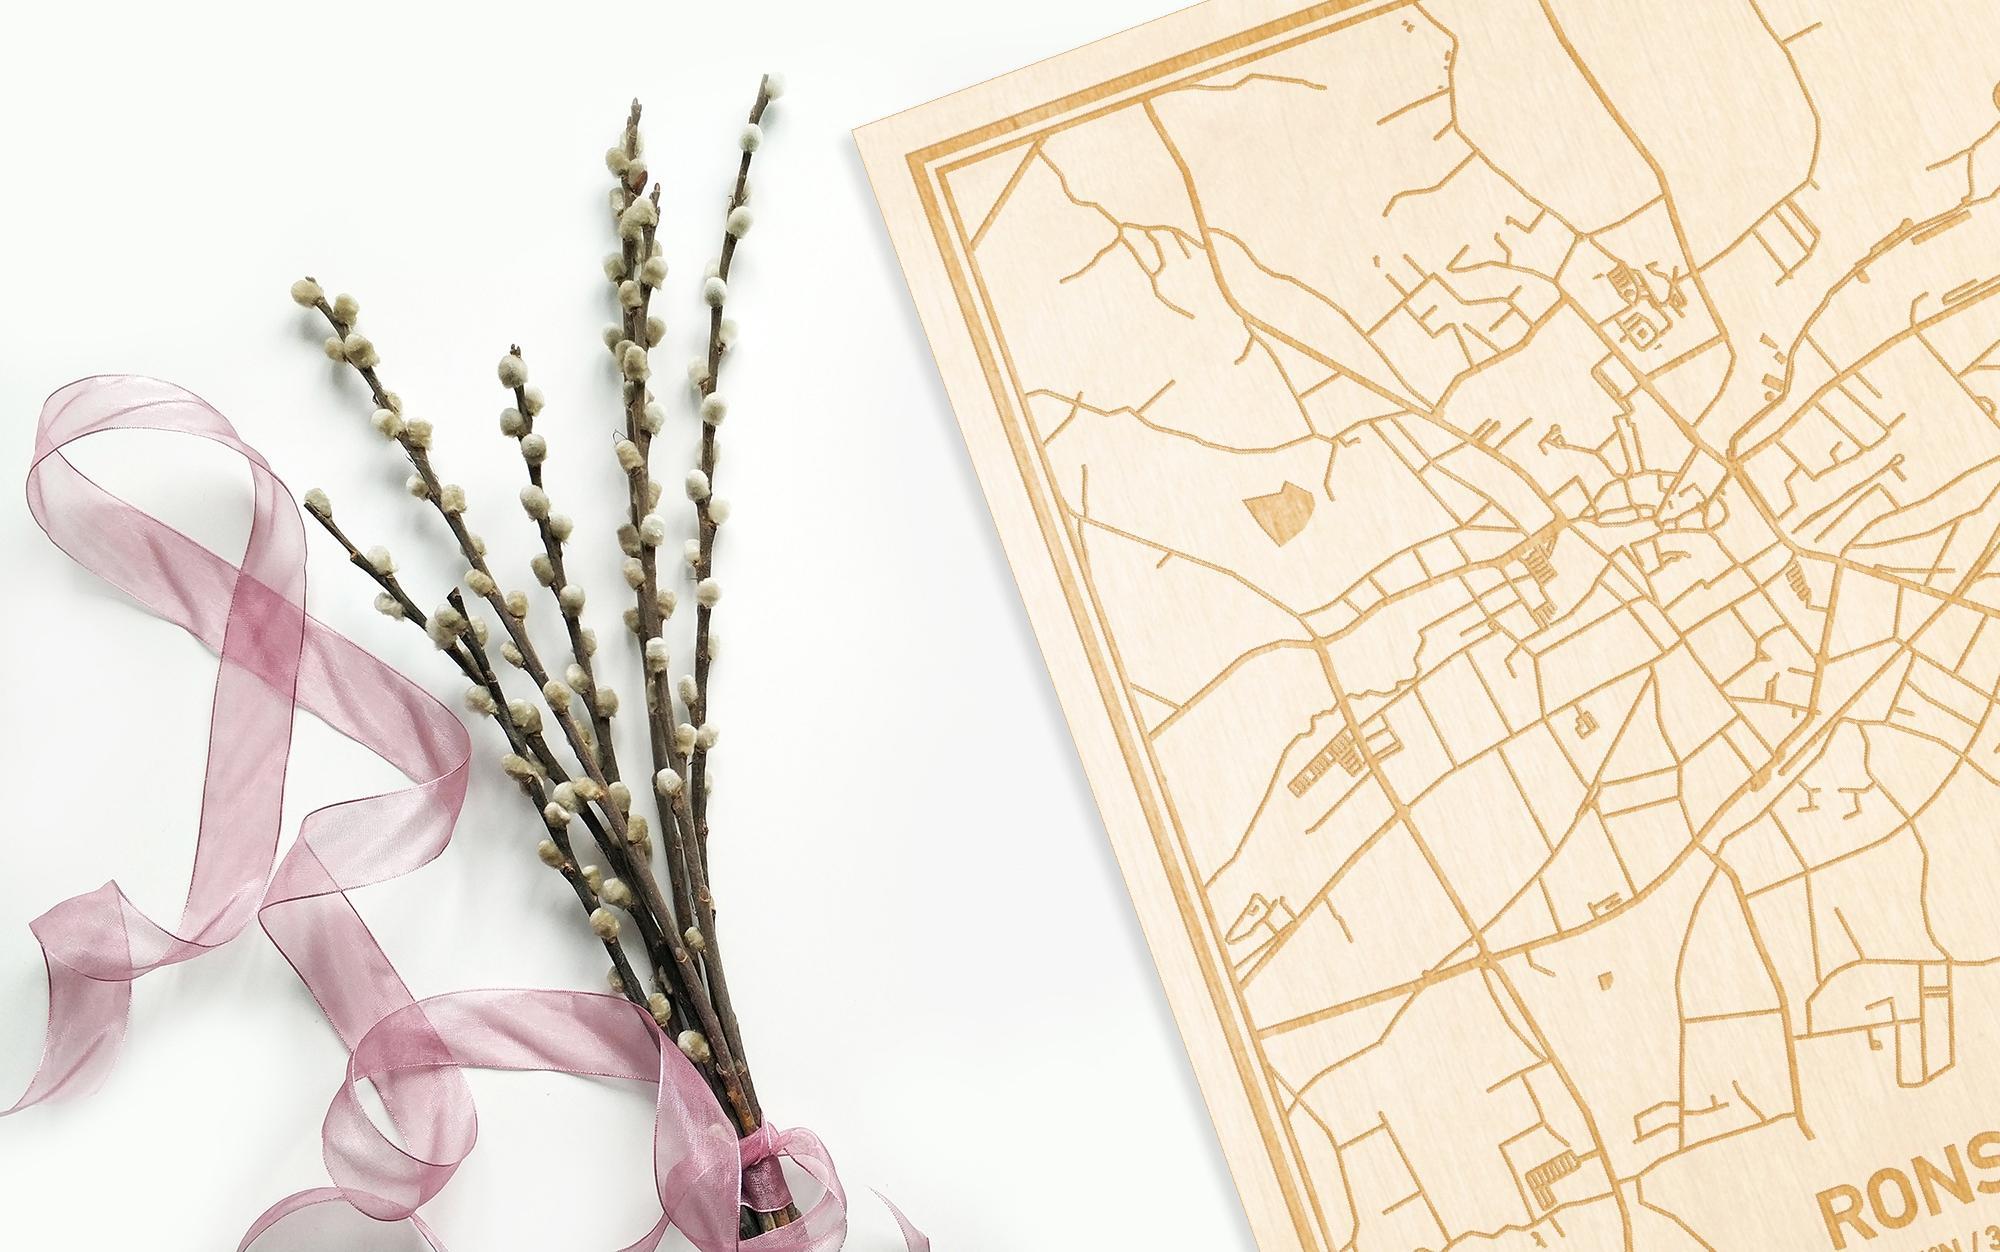 Hier ligt de houten plattegrond Ronse naast een bloemetje als gepersonaliseerd cadeau voor haar.